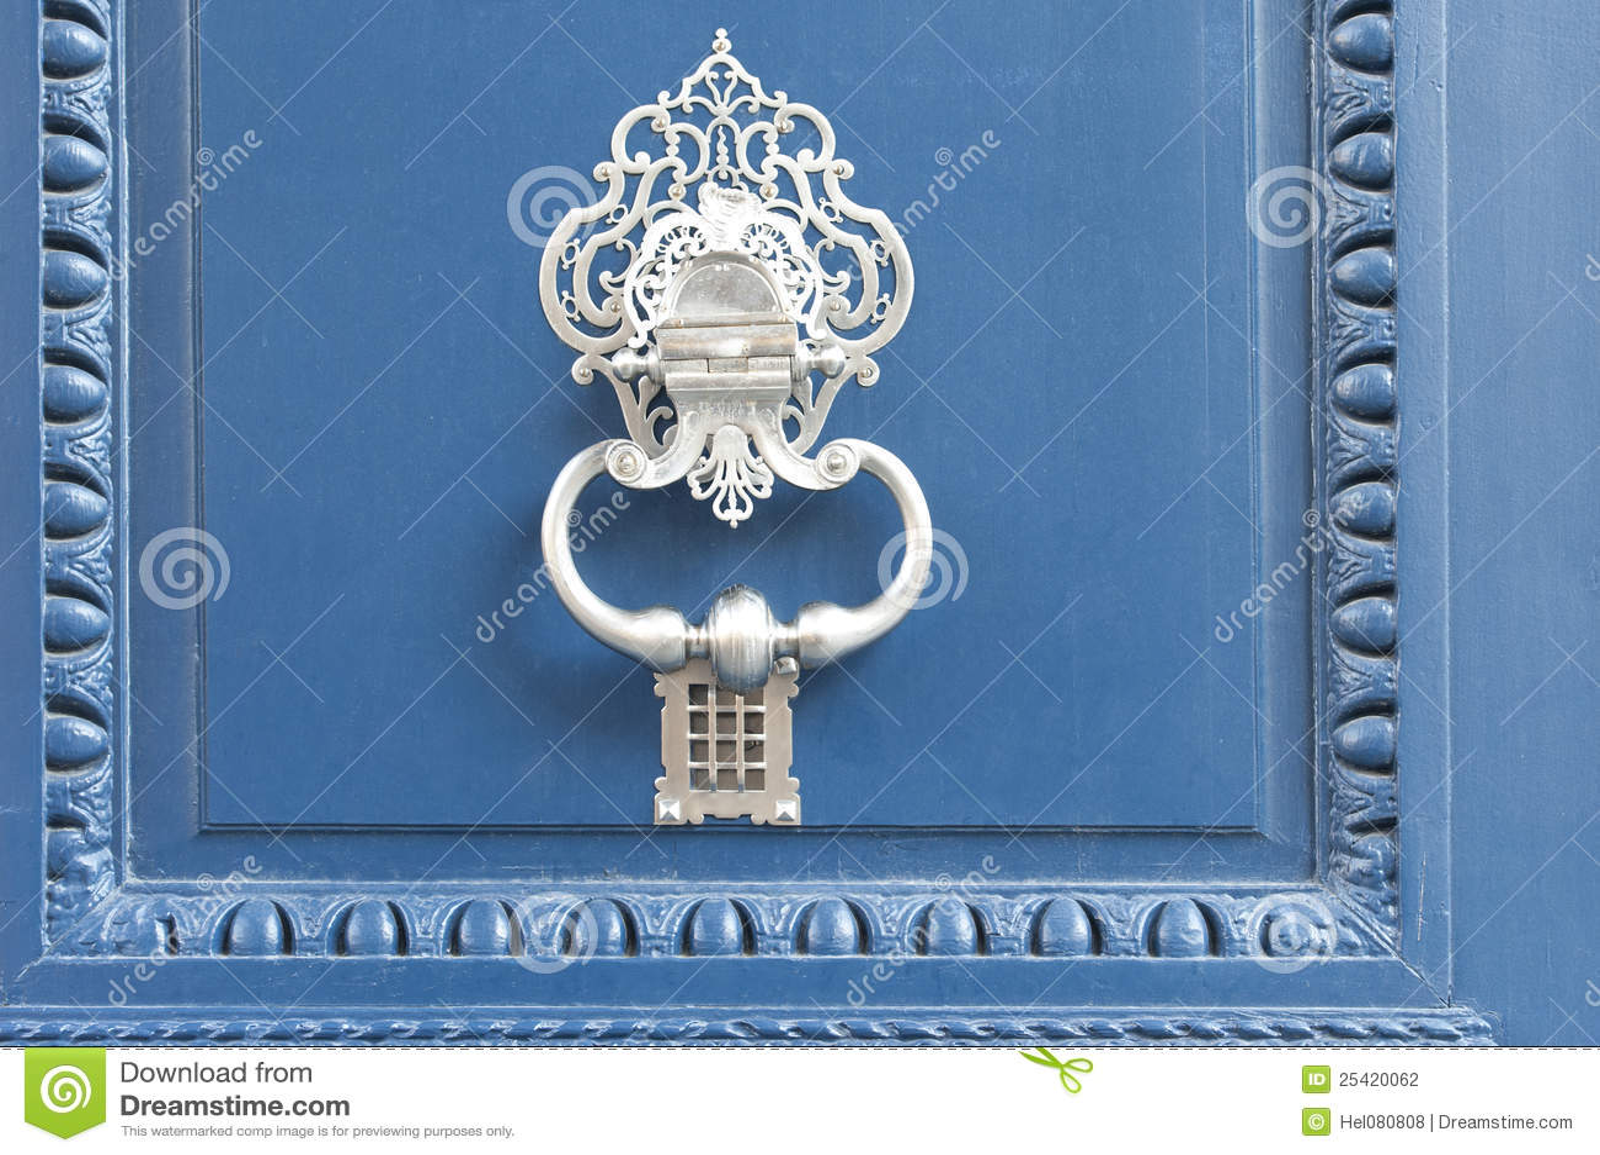 Doorknocker on blue door